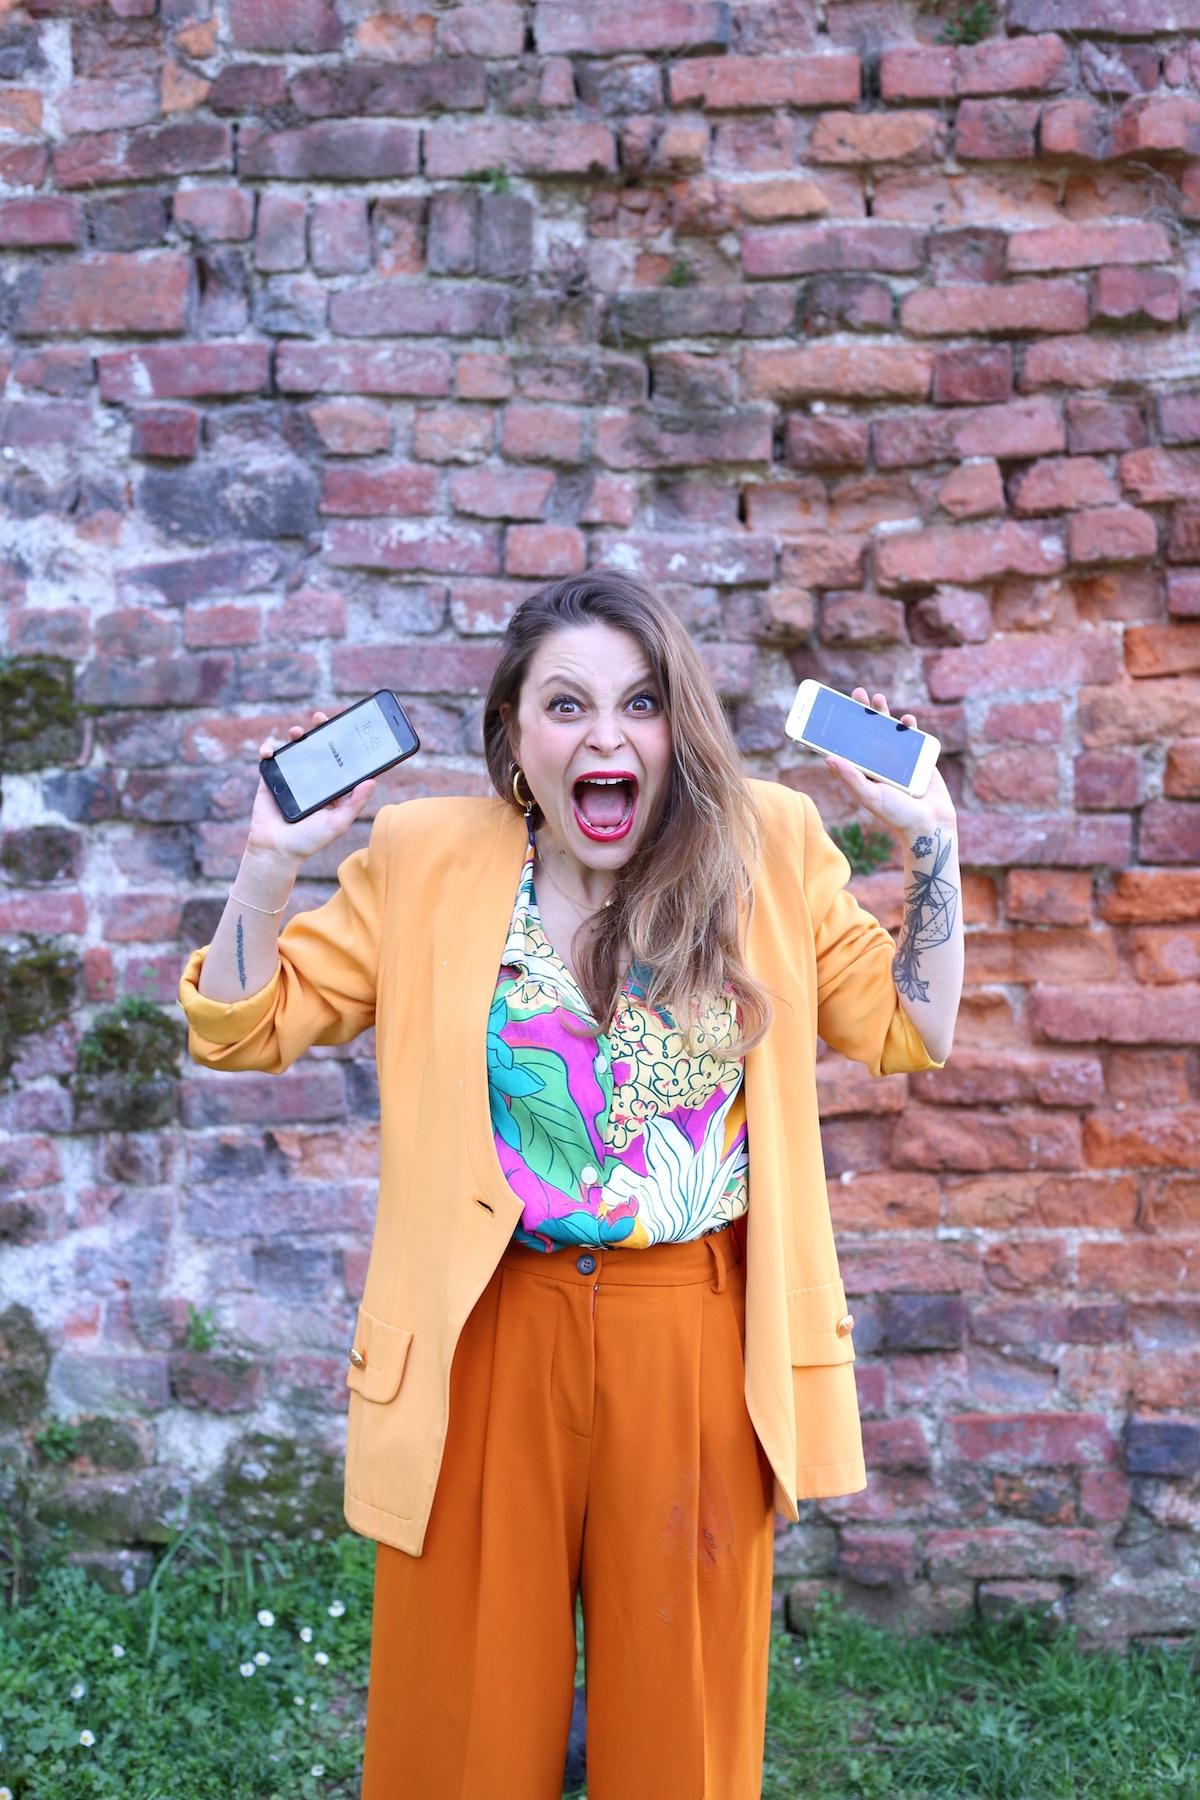 paranoie da social media, the lazy trotter, social media, cristina buonerba